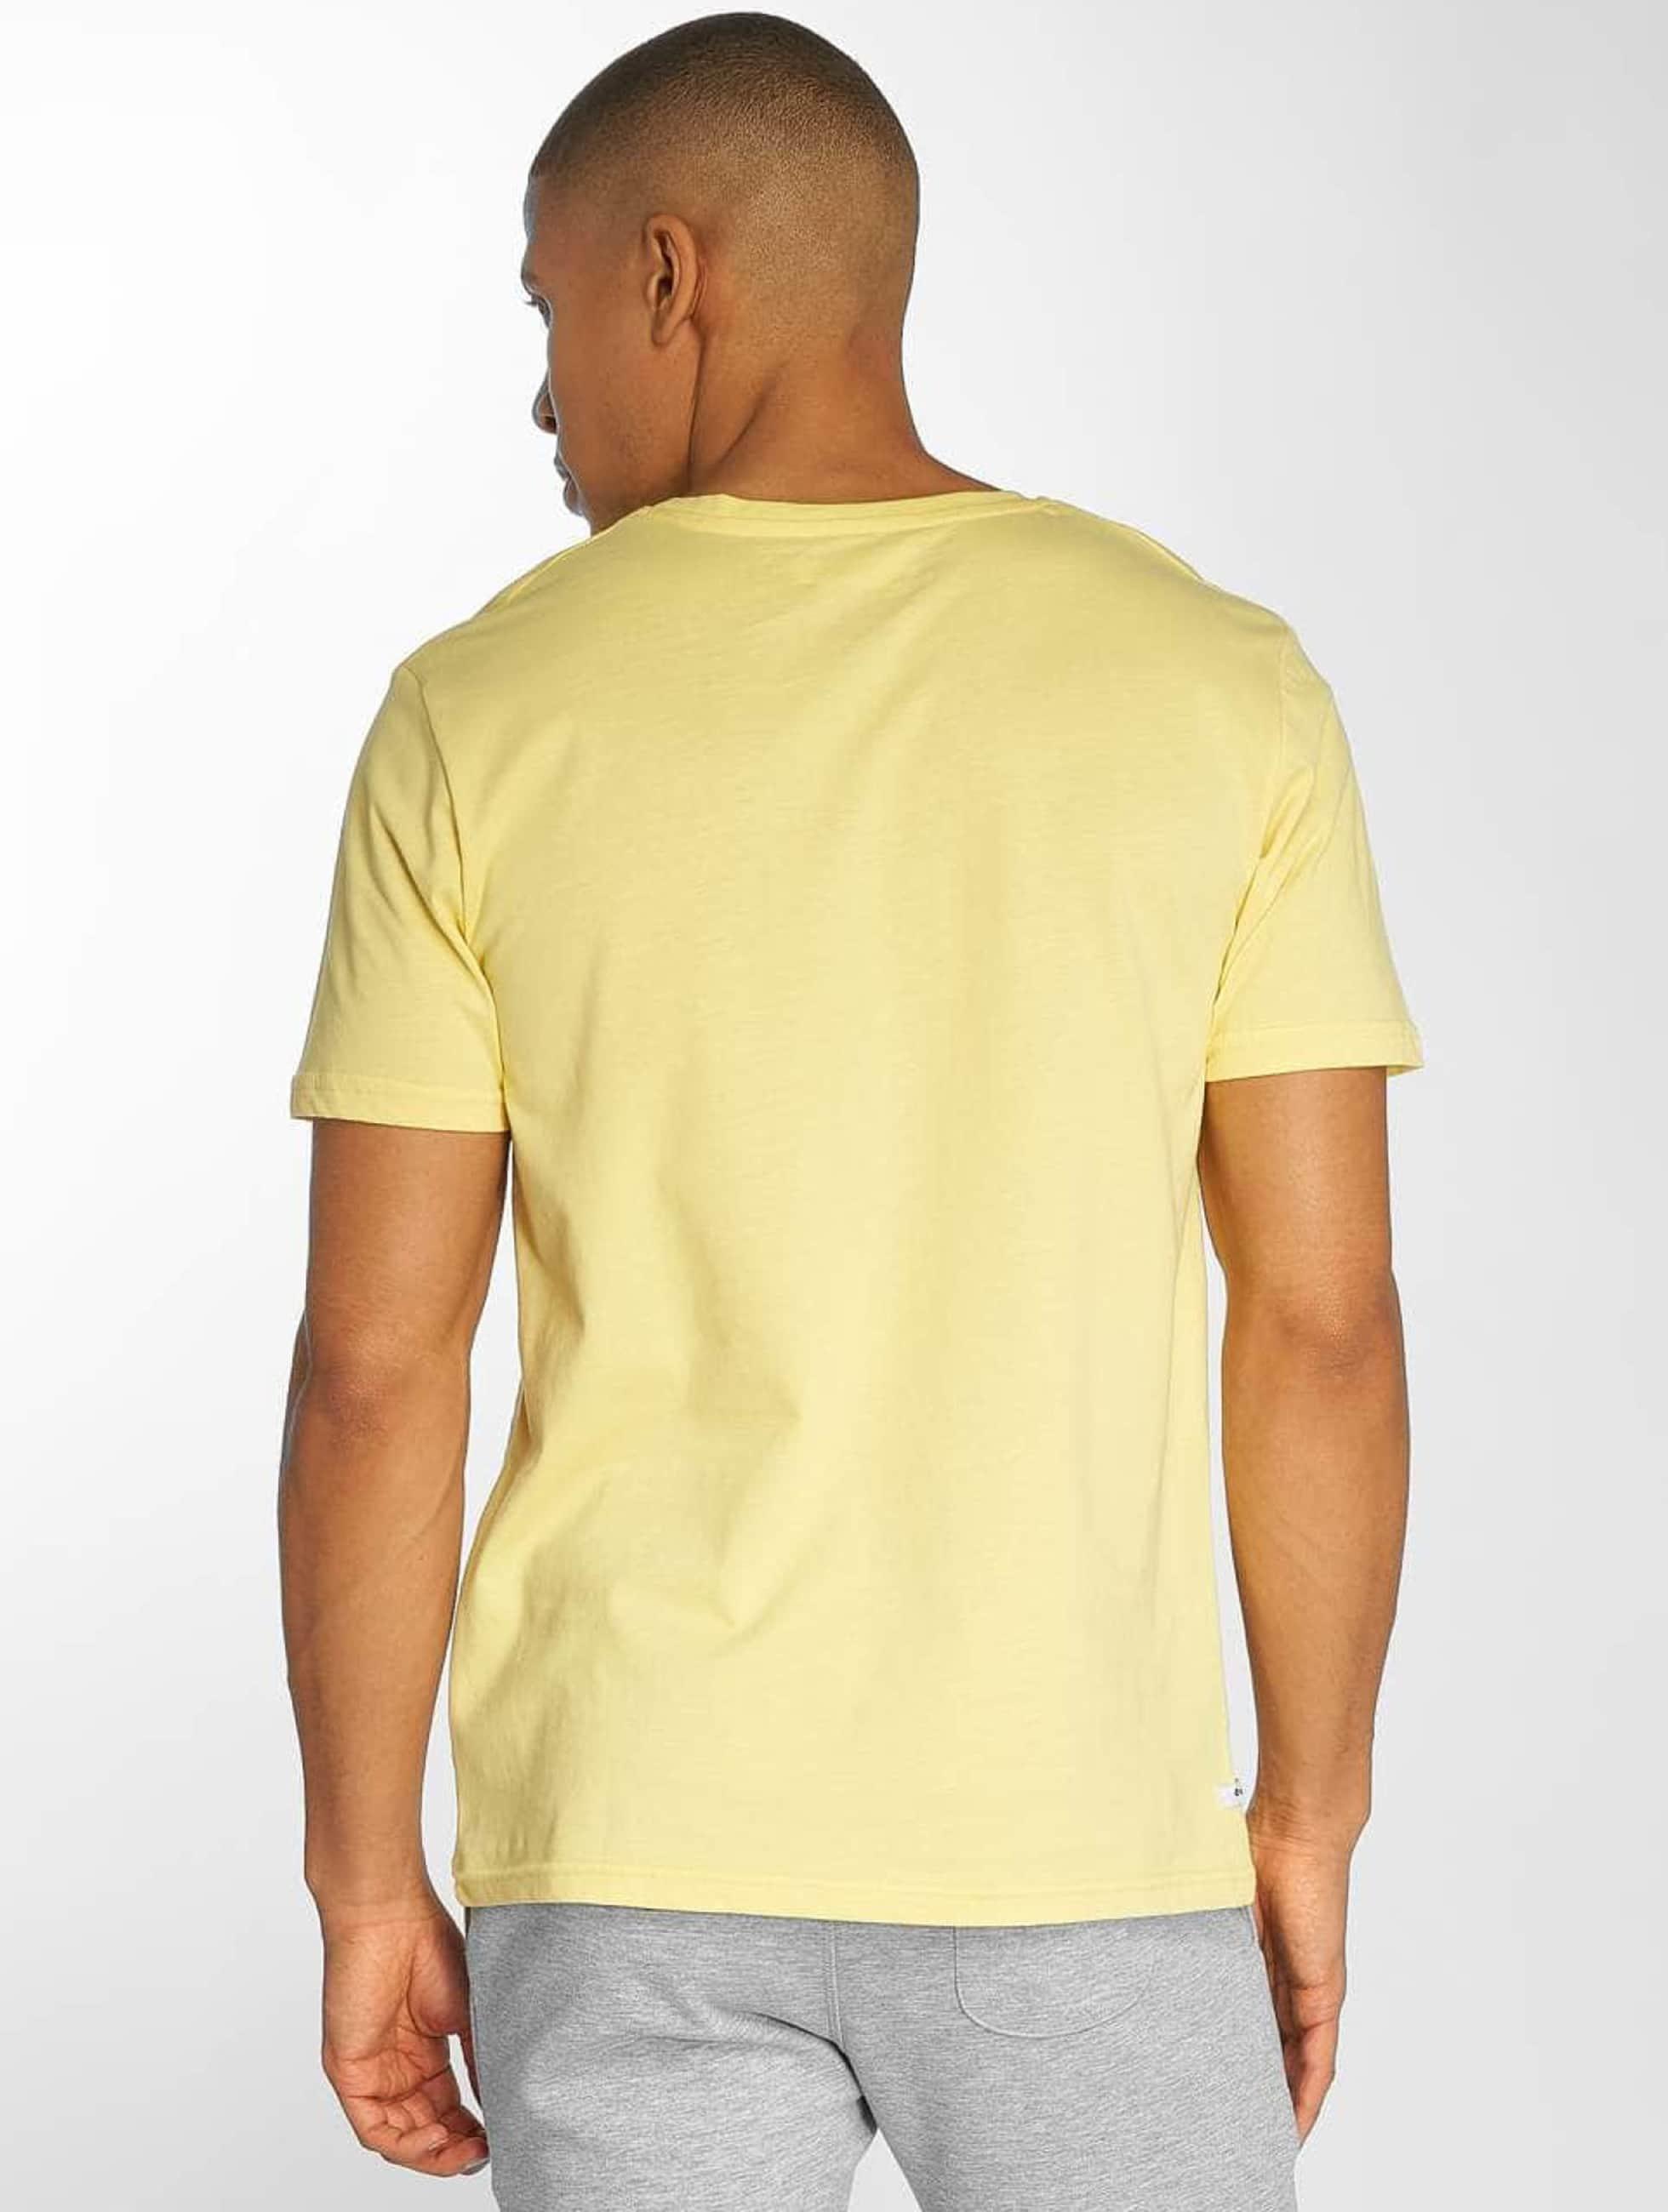 Kulte Футболка Summer Cam желтый